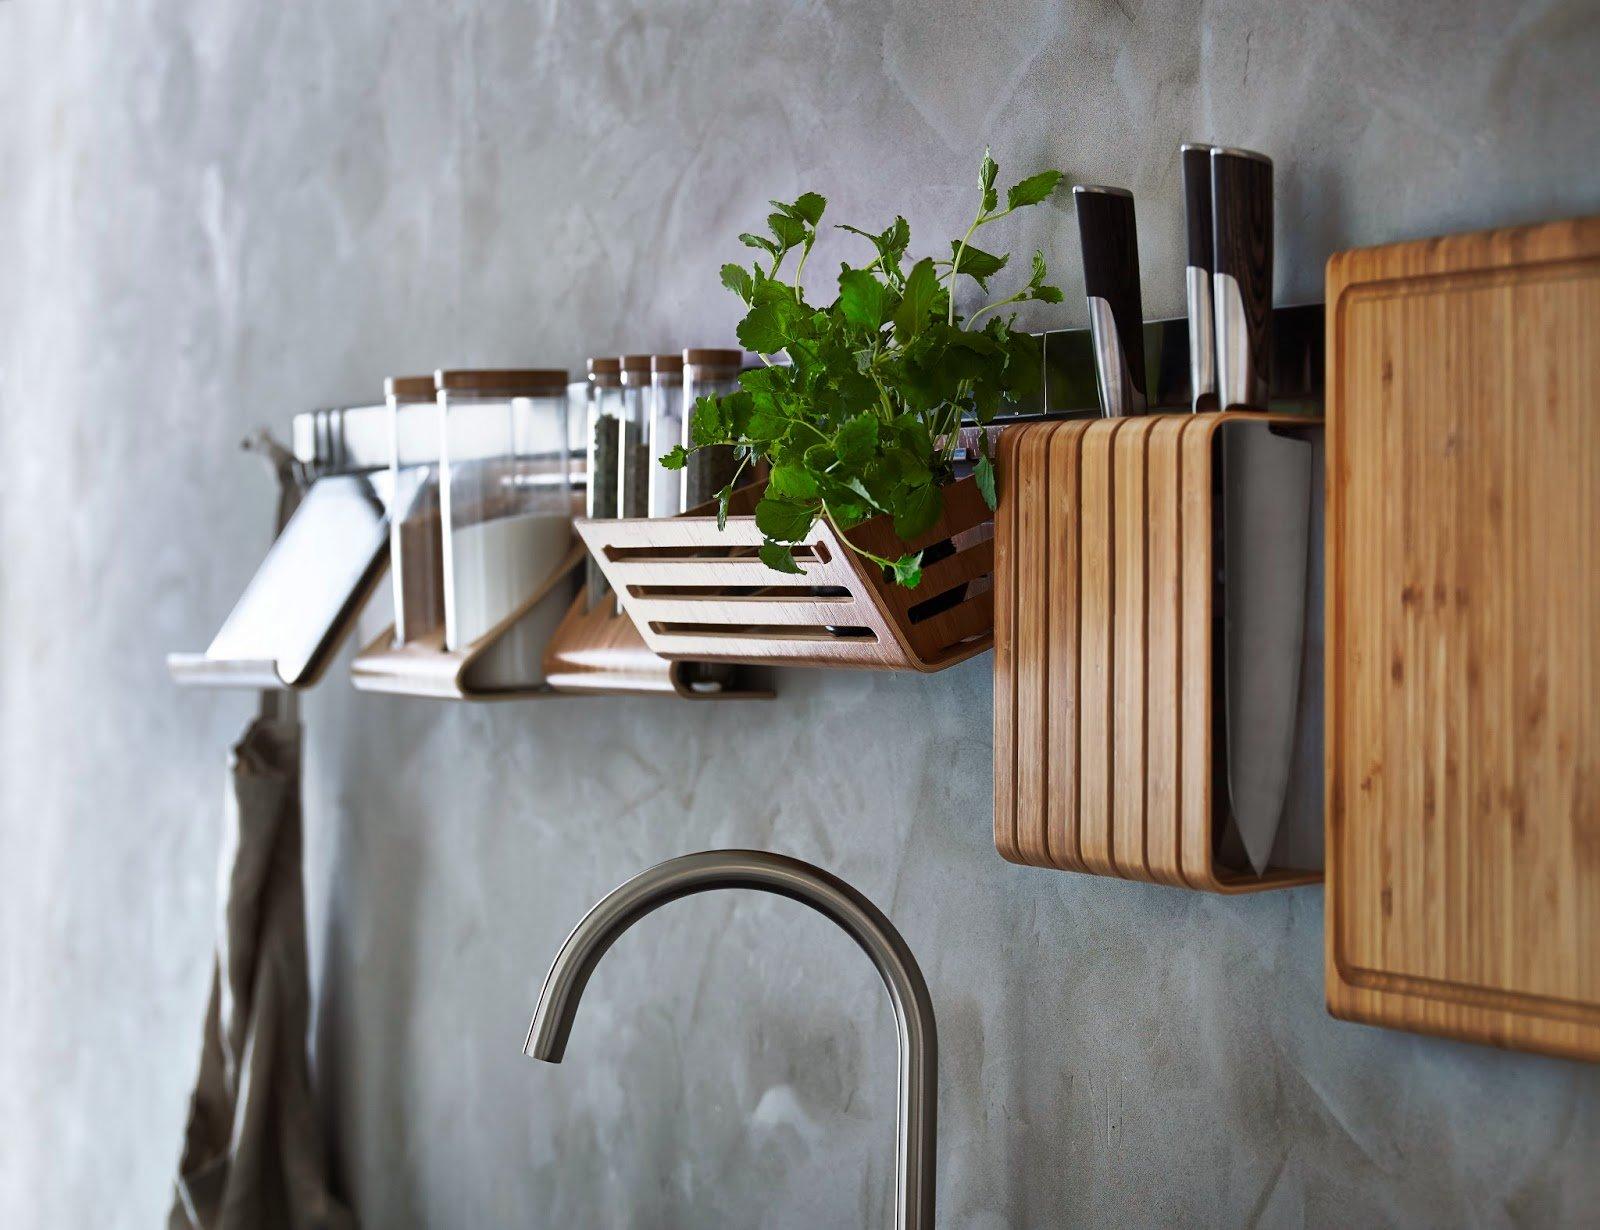 Binari appendi oggetti per la cucina: Ikea, Leroy Merlin e ...